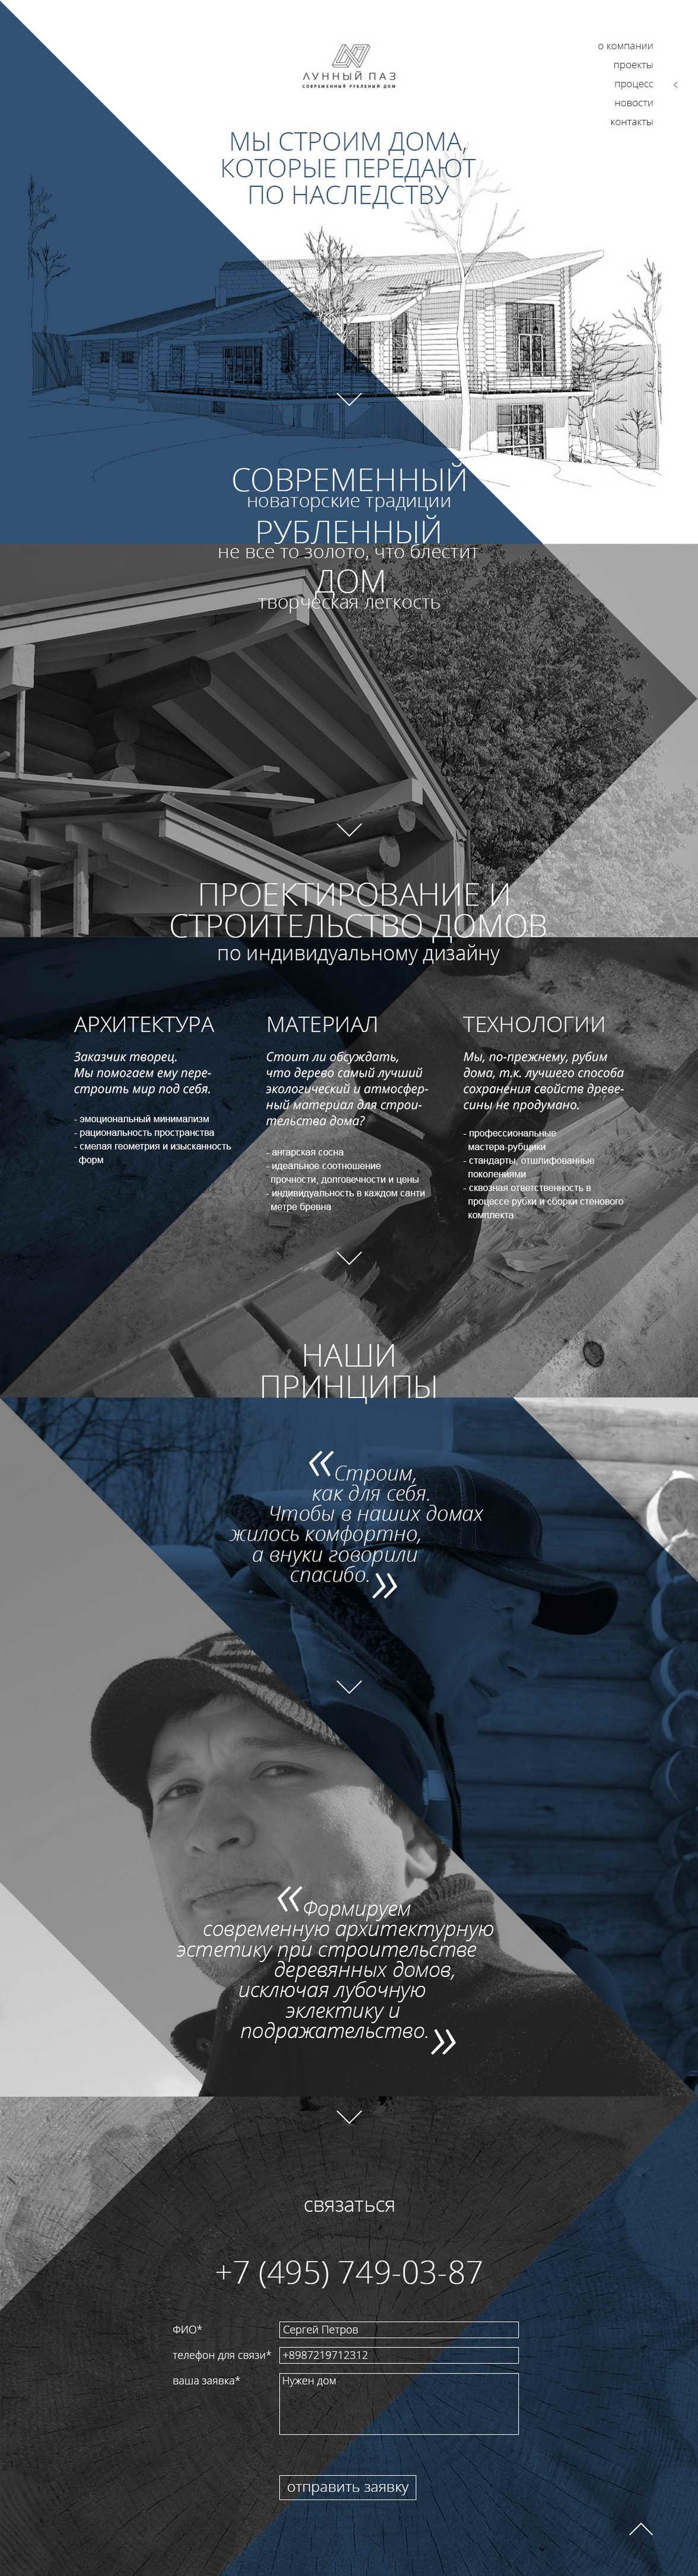 memar və taxta evlərin qurucuları üçün bir-site dizayn, desant